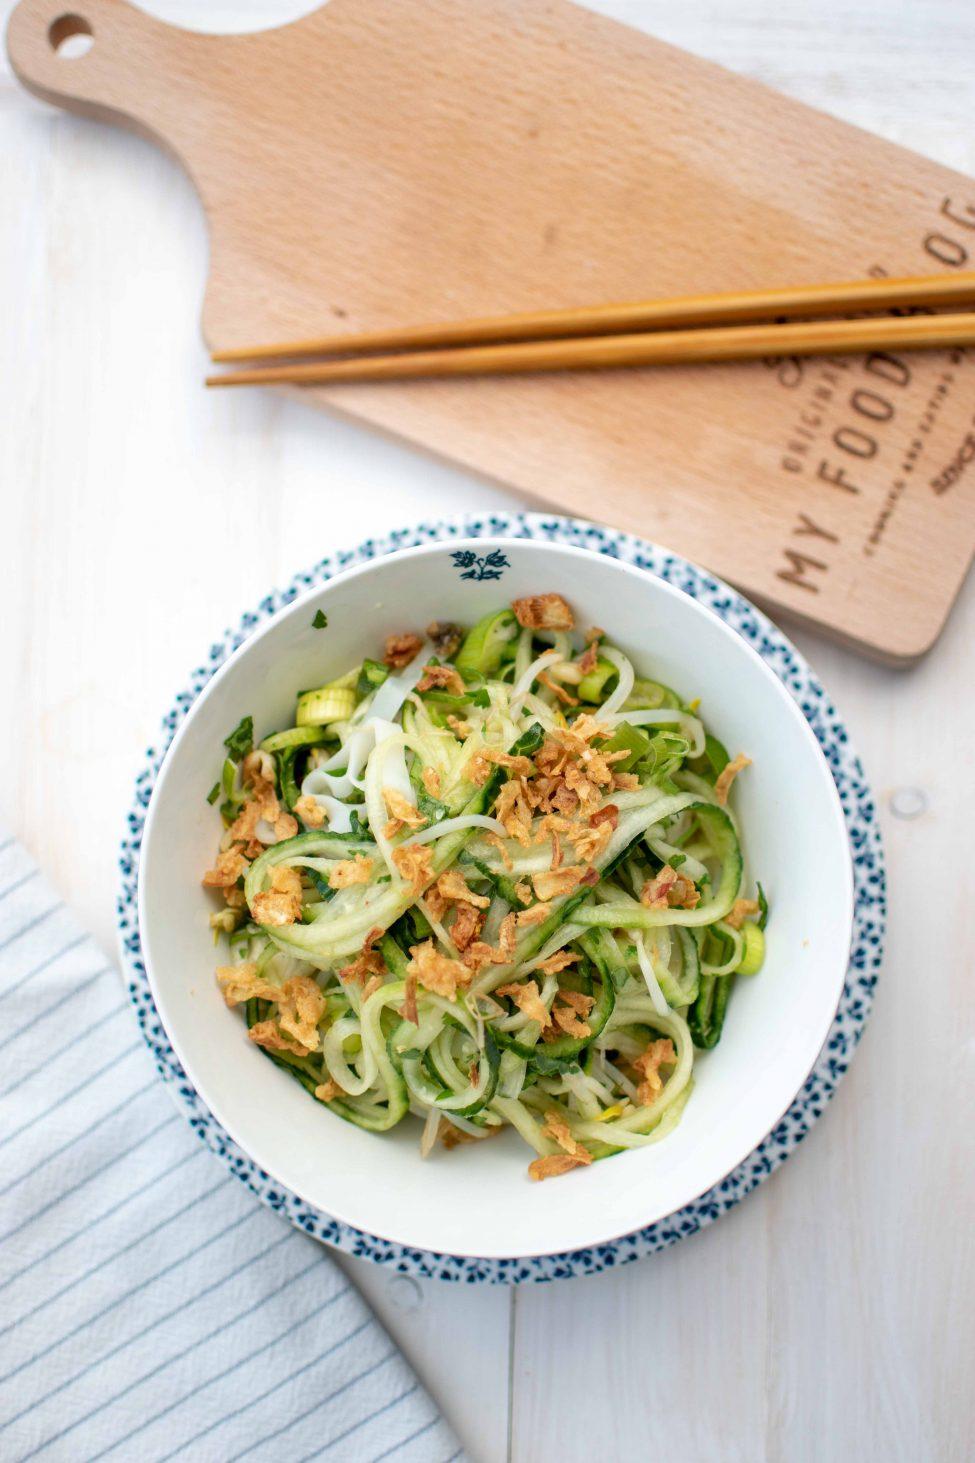 De 10 lekkerste vegetarische salades